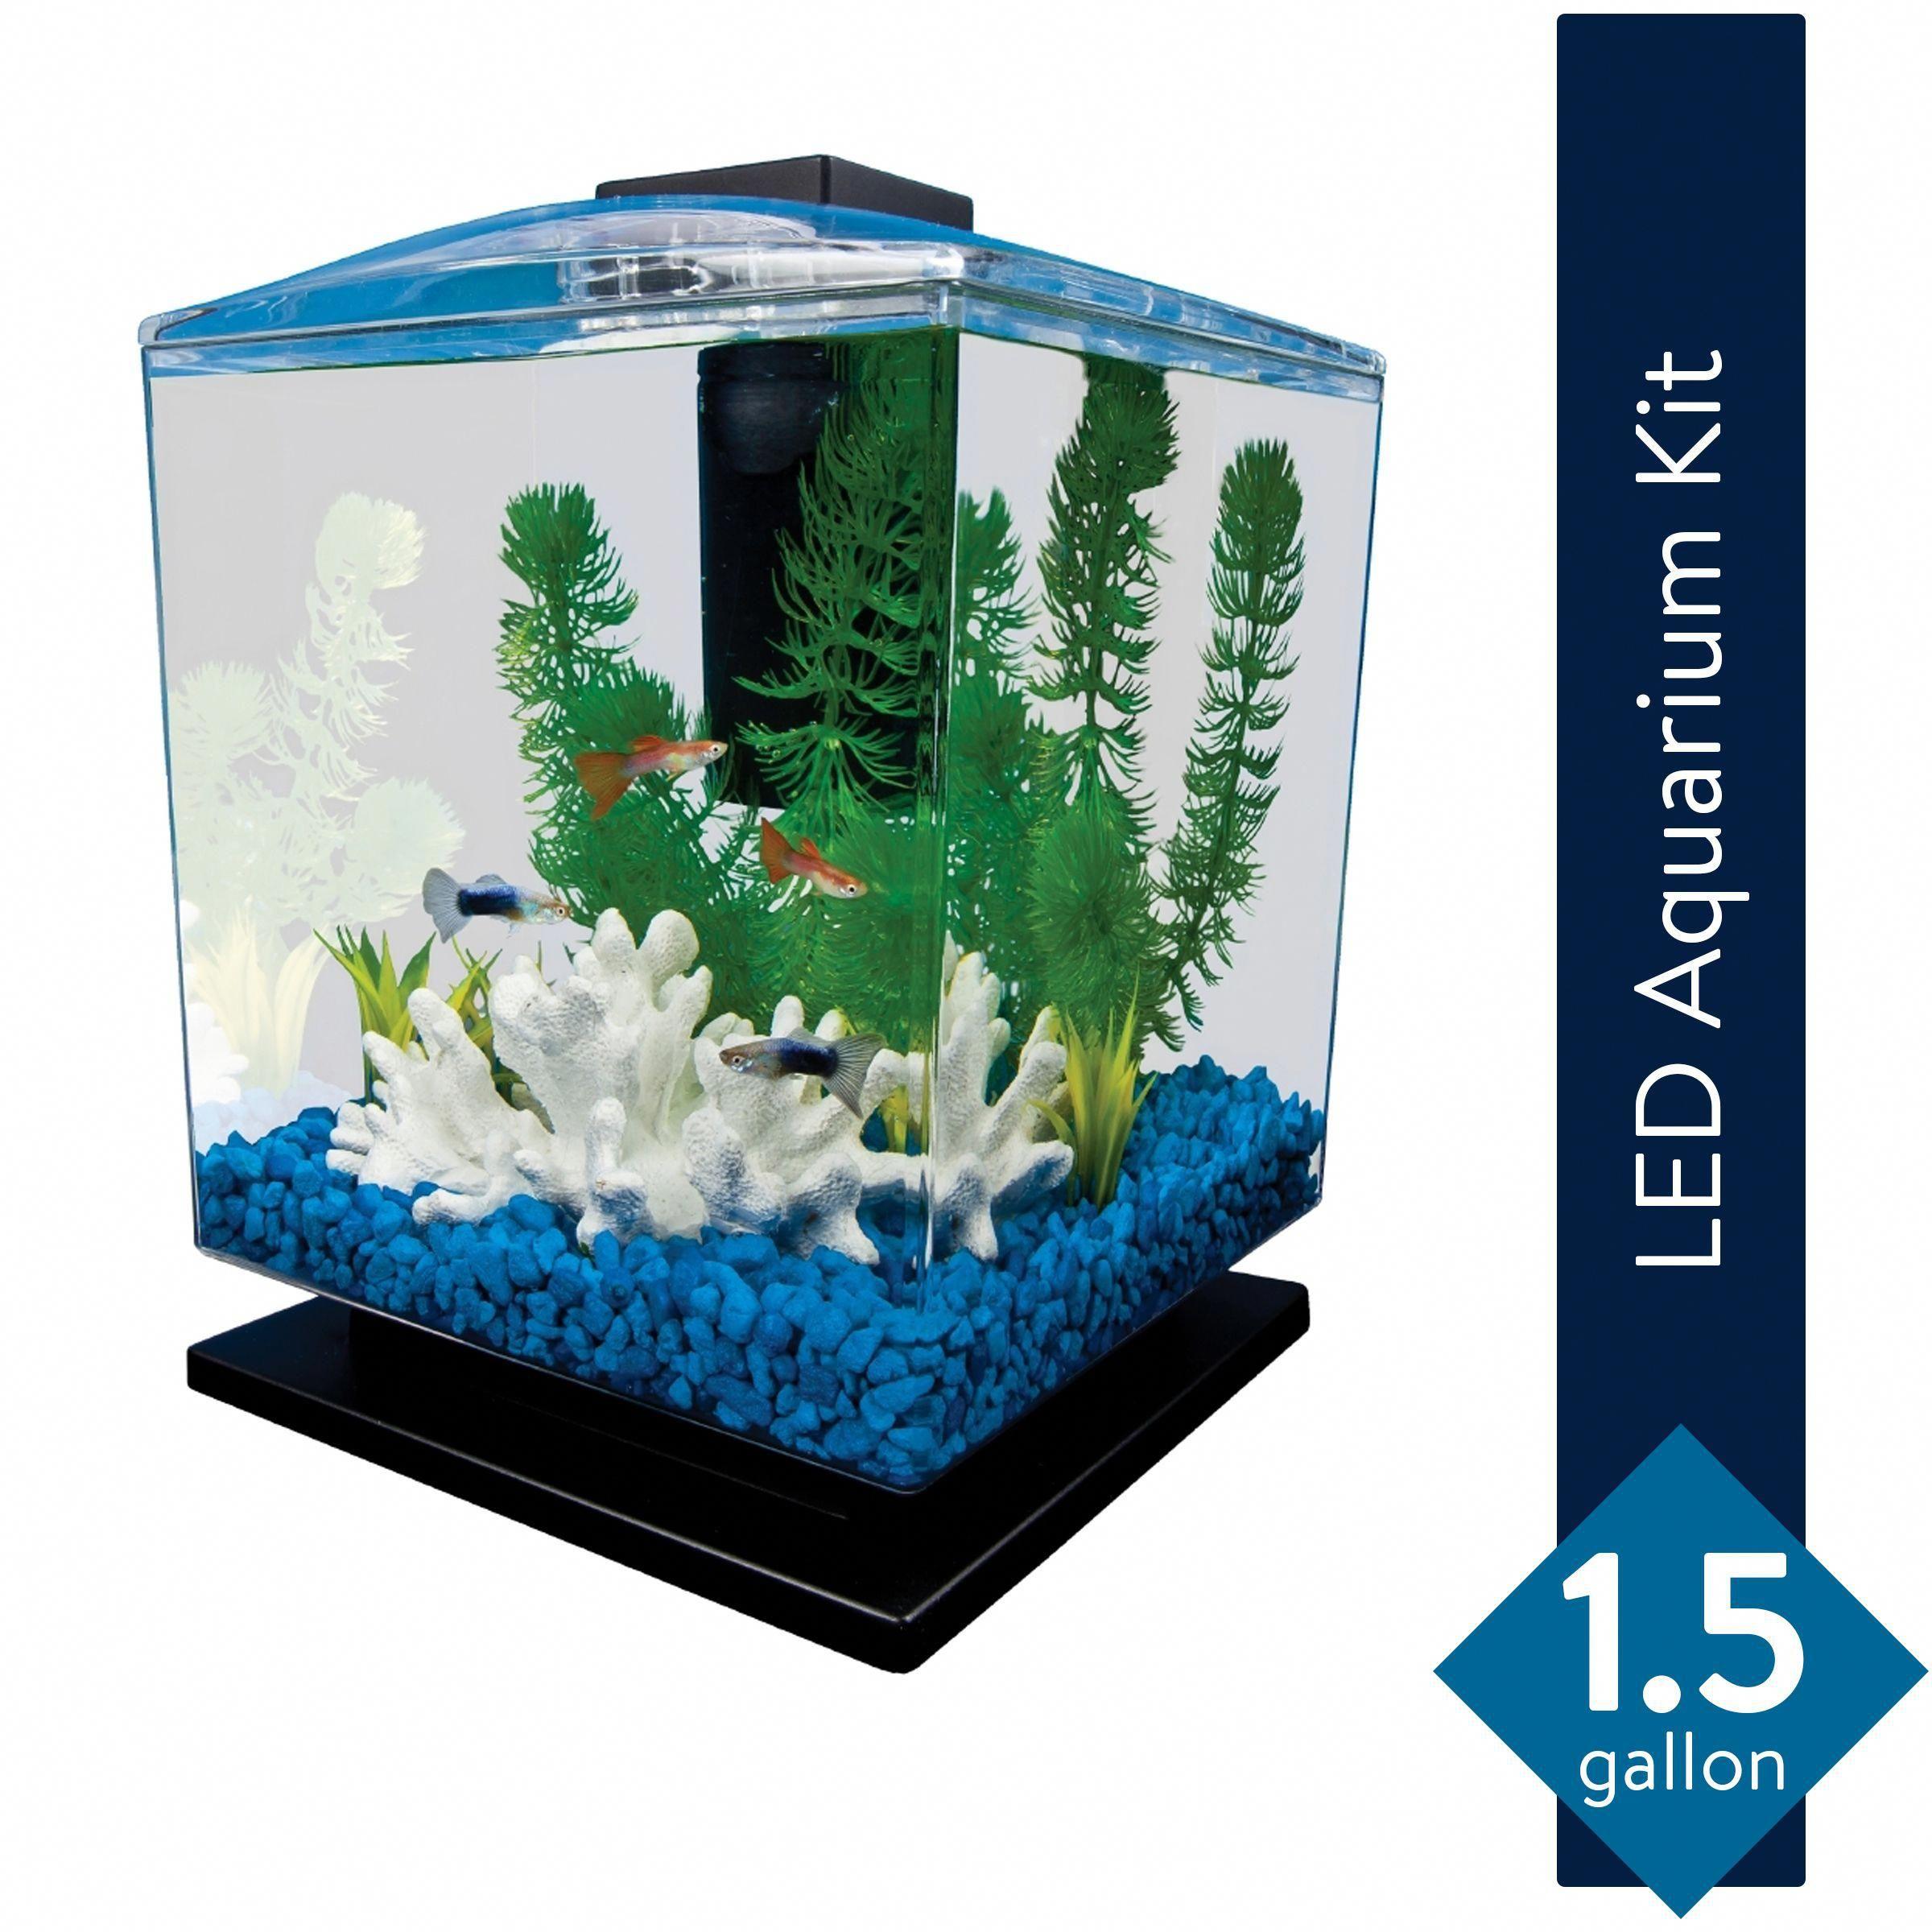 Stunning Salt Water Aquarium In 2020 Aquarium Aquarium Design Saltwater Aquarium